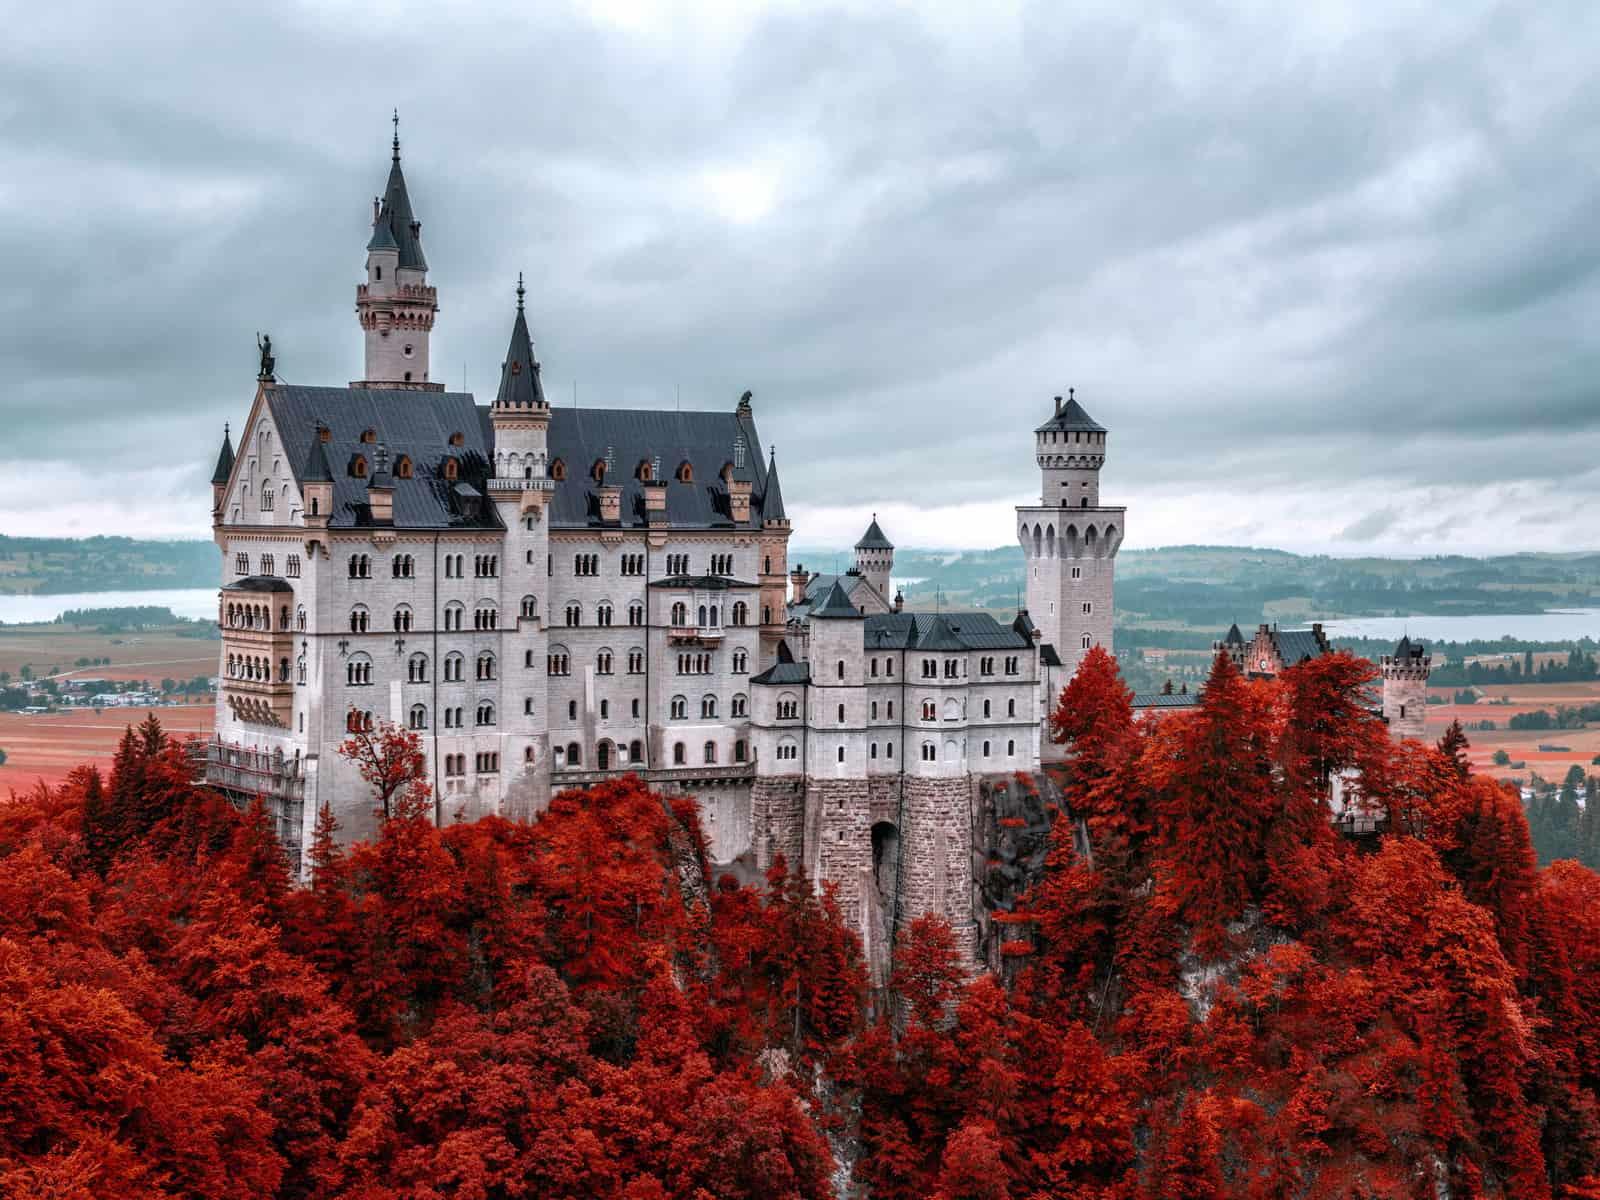 أفضل أماكن فى ألمانيا